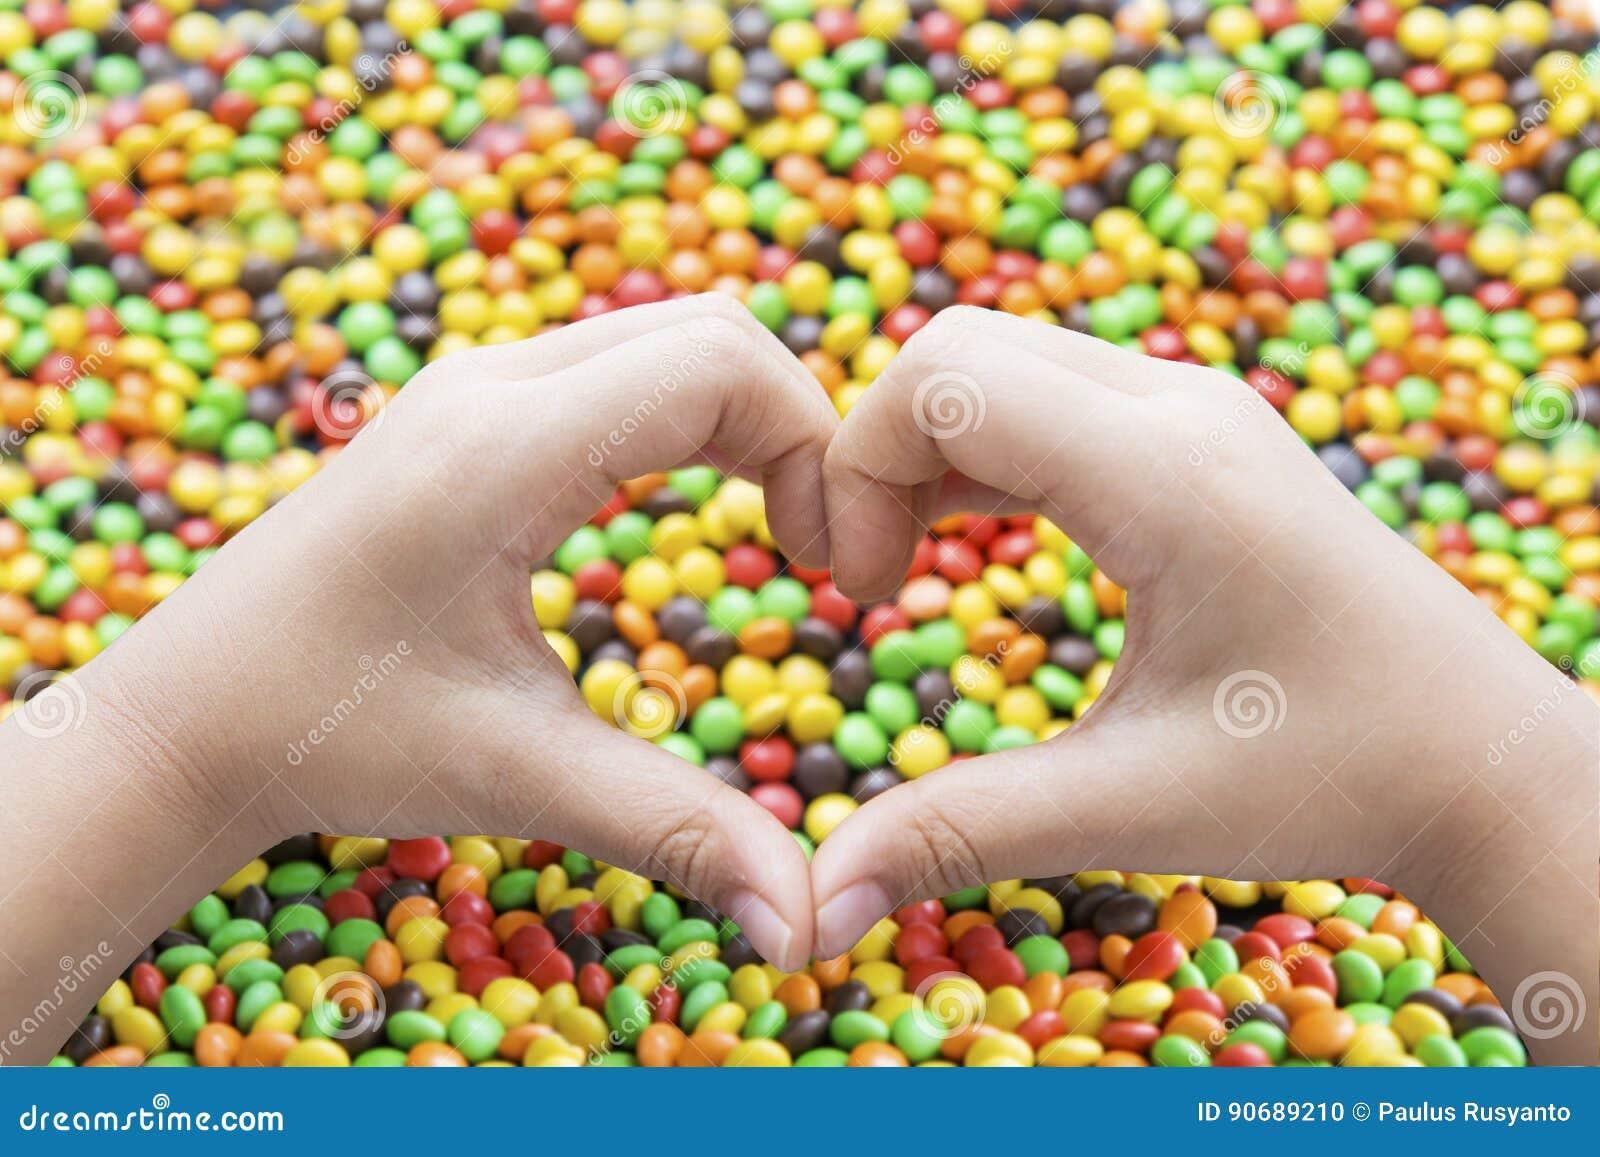 Hände mit Herzsymbol und bunten Süßigkeiten